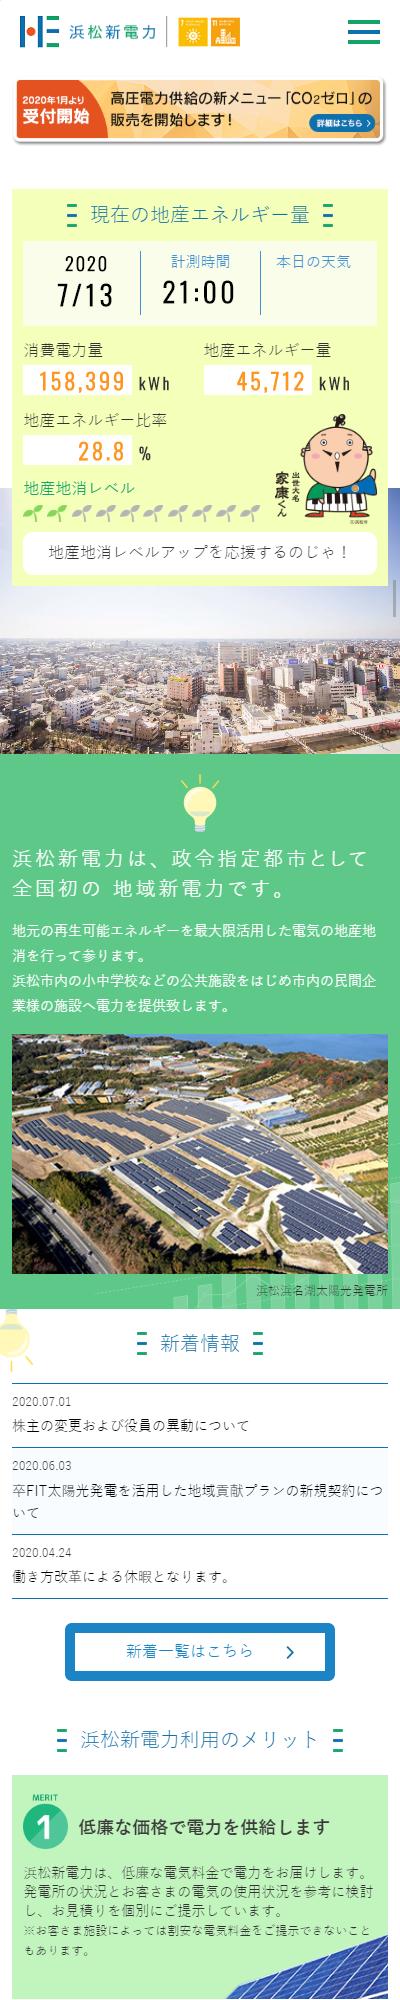 株式会社浜松新電力様スマートフォンサイト